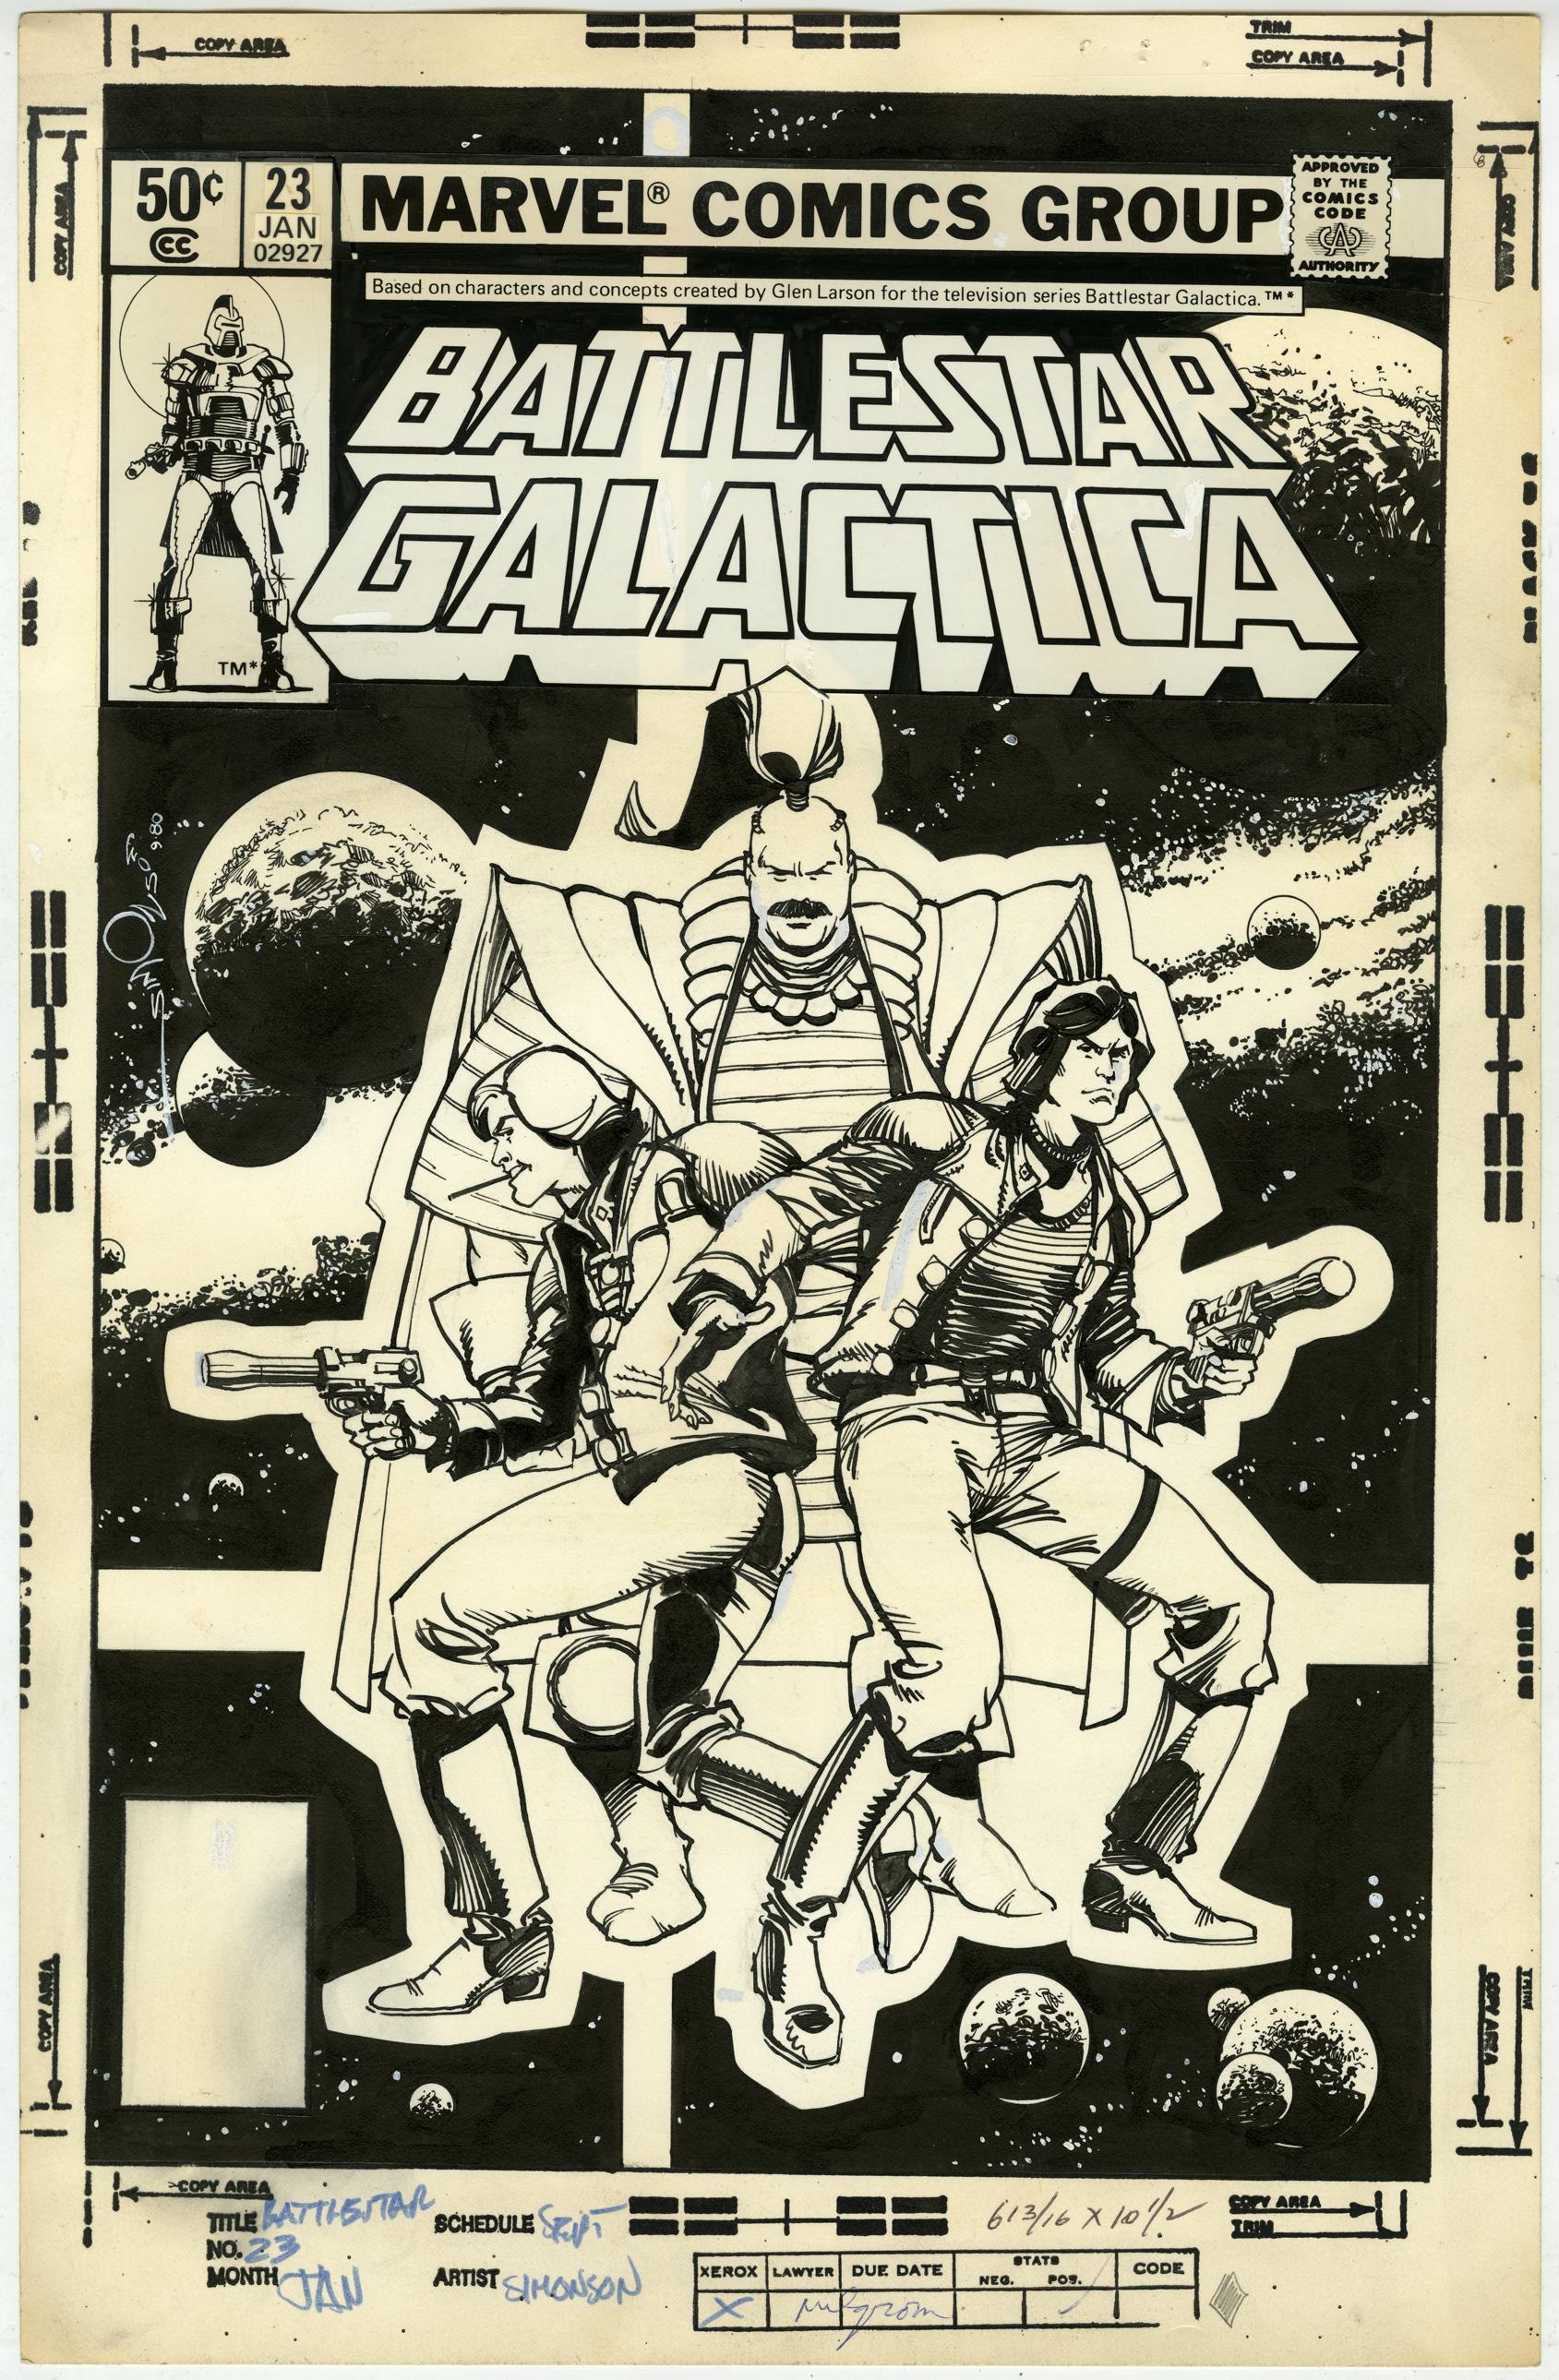 618b856d2da2e Dynamite expands Art Editions line with Vampiralla, Battlestar Galactica  and John Carter